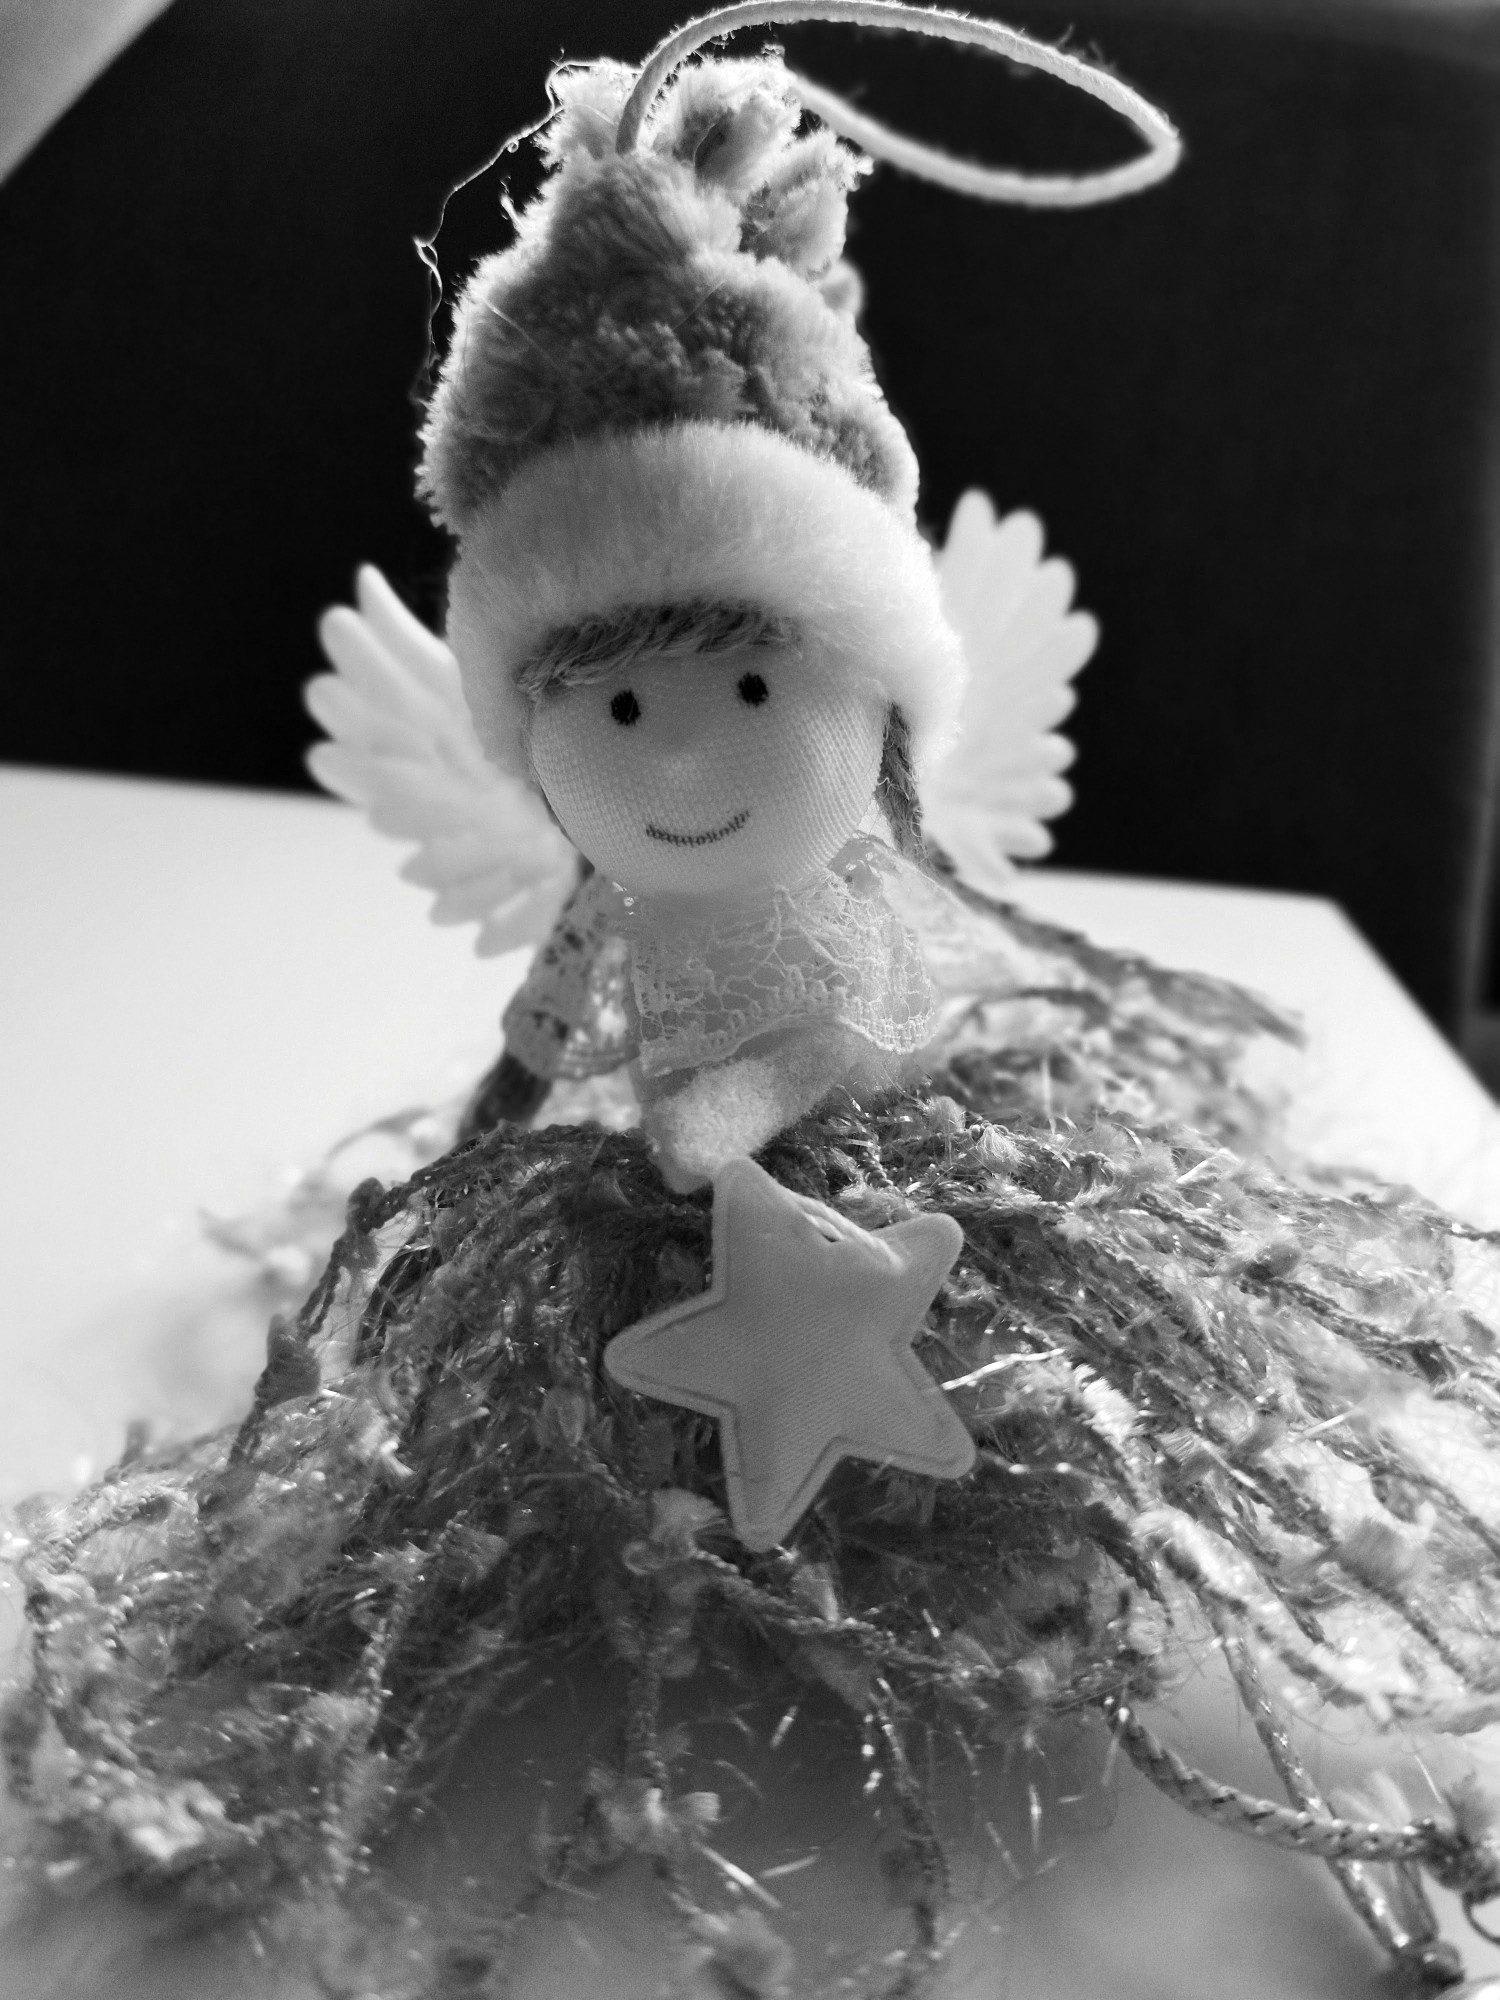 aniołek tryb portret z filtrem zdjęcie poco m3